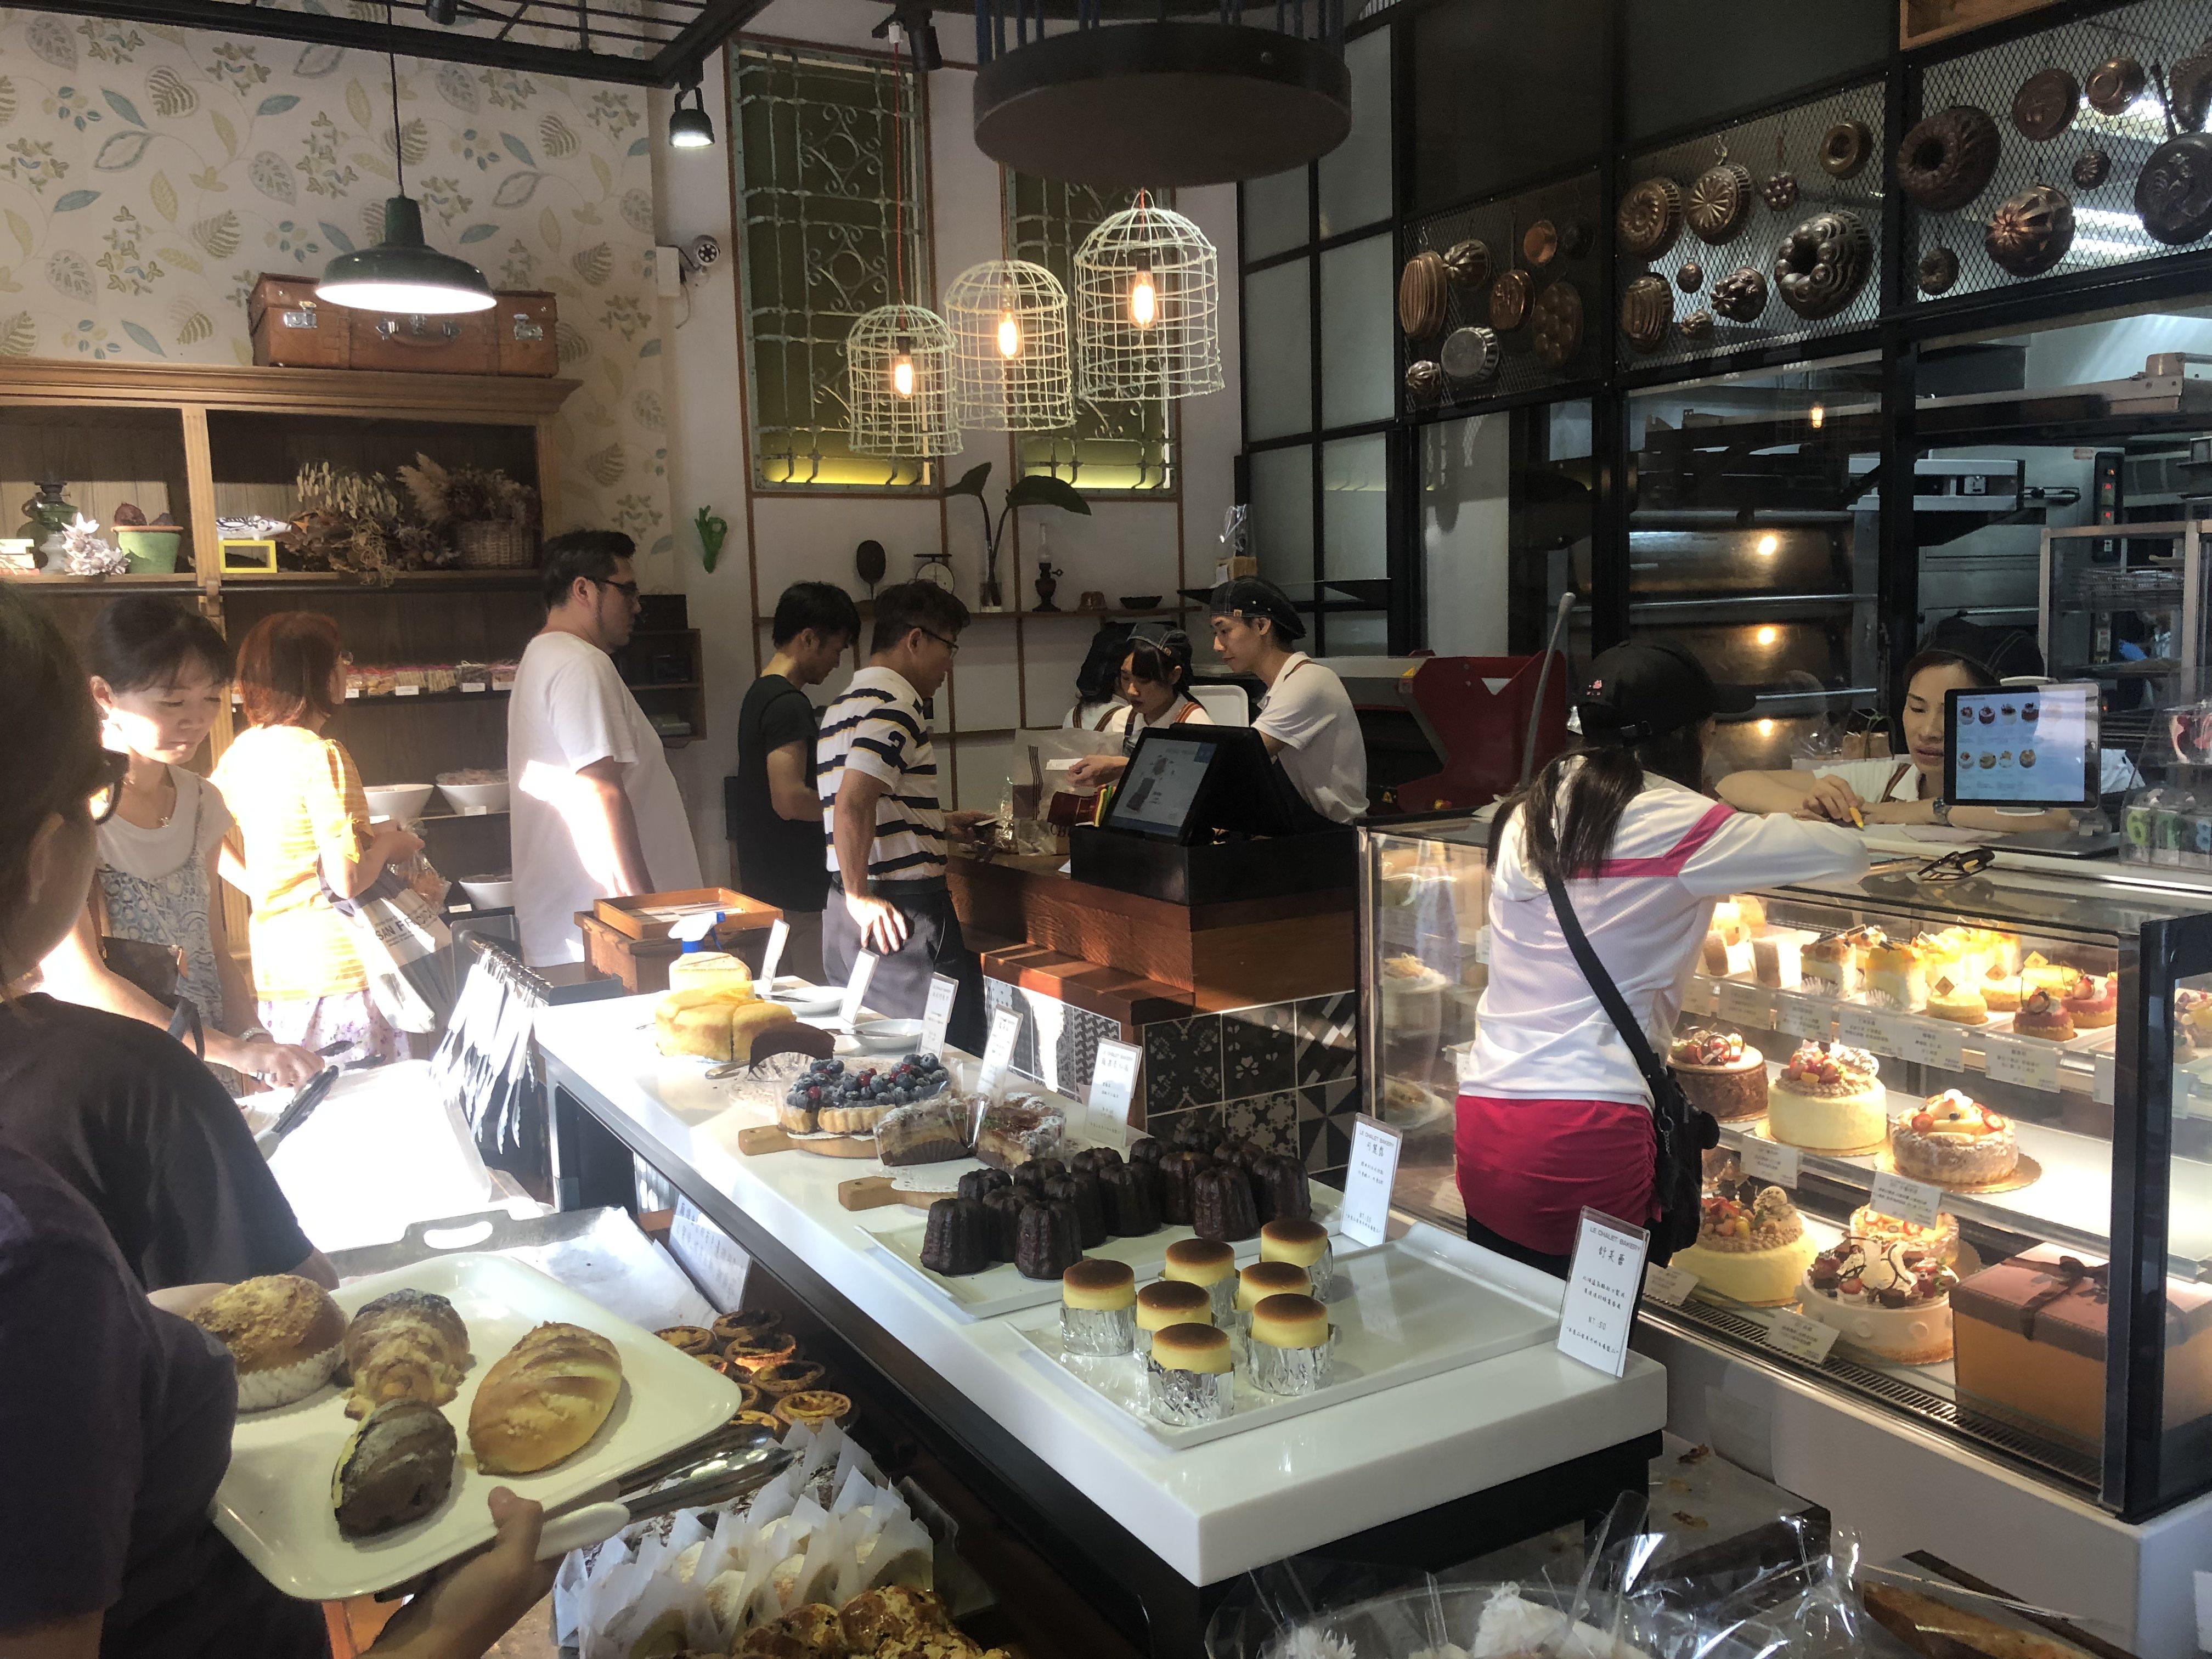 新竹美食|傑里麵包LE CHALET BAKERY 招牌海鹽餐包神好吃,正中我心 - 拉傻去哪兒 Lasha